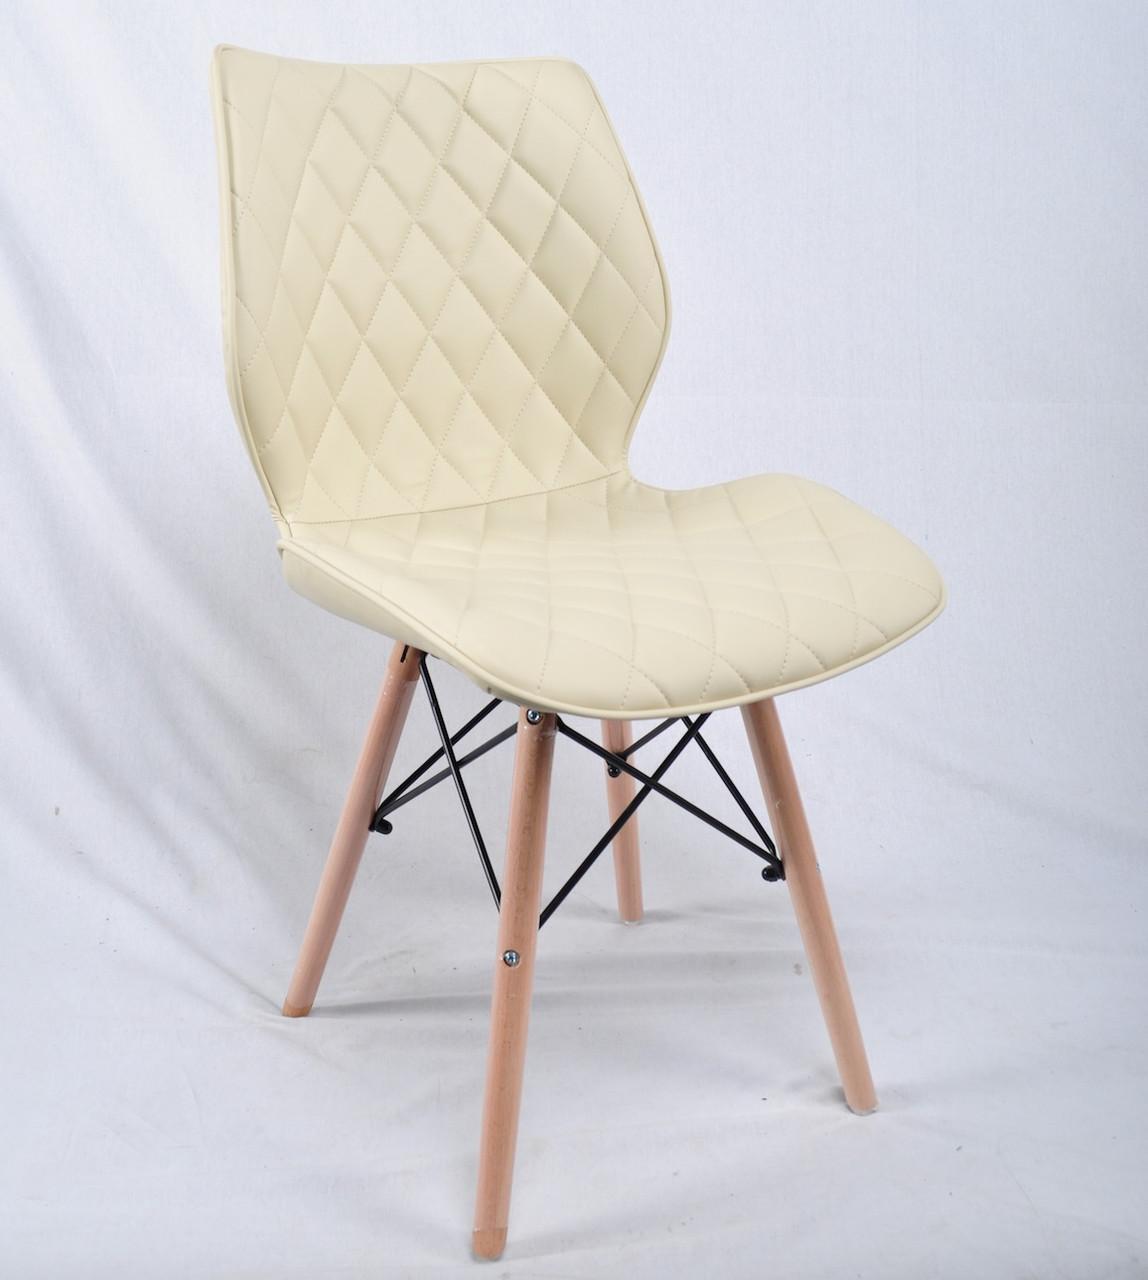 Обеденный стул на деревянных ножках из эко кожи бежевого цвета Nolan